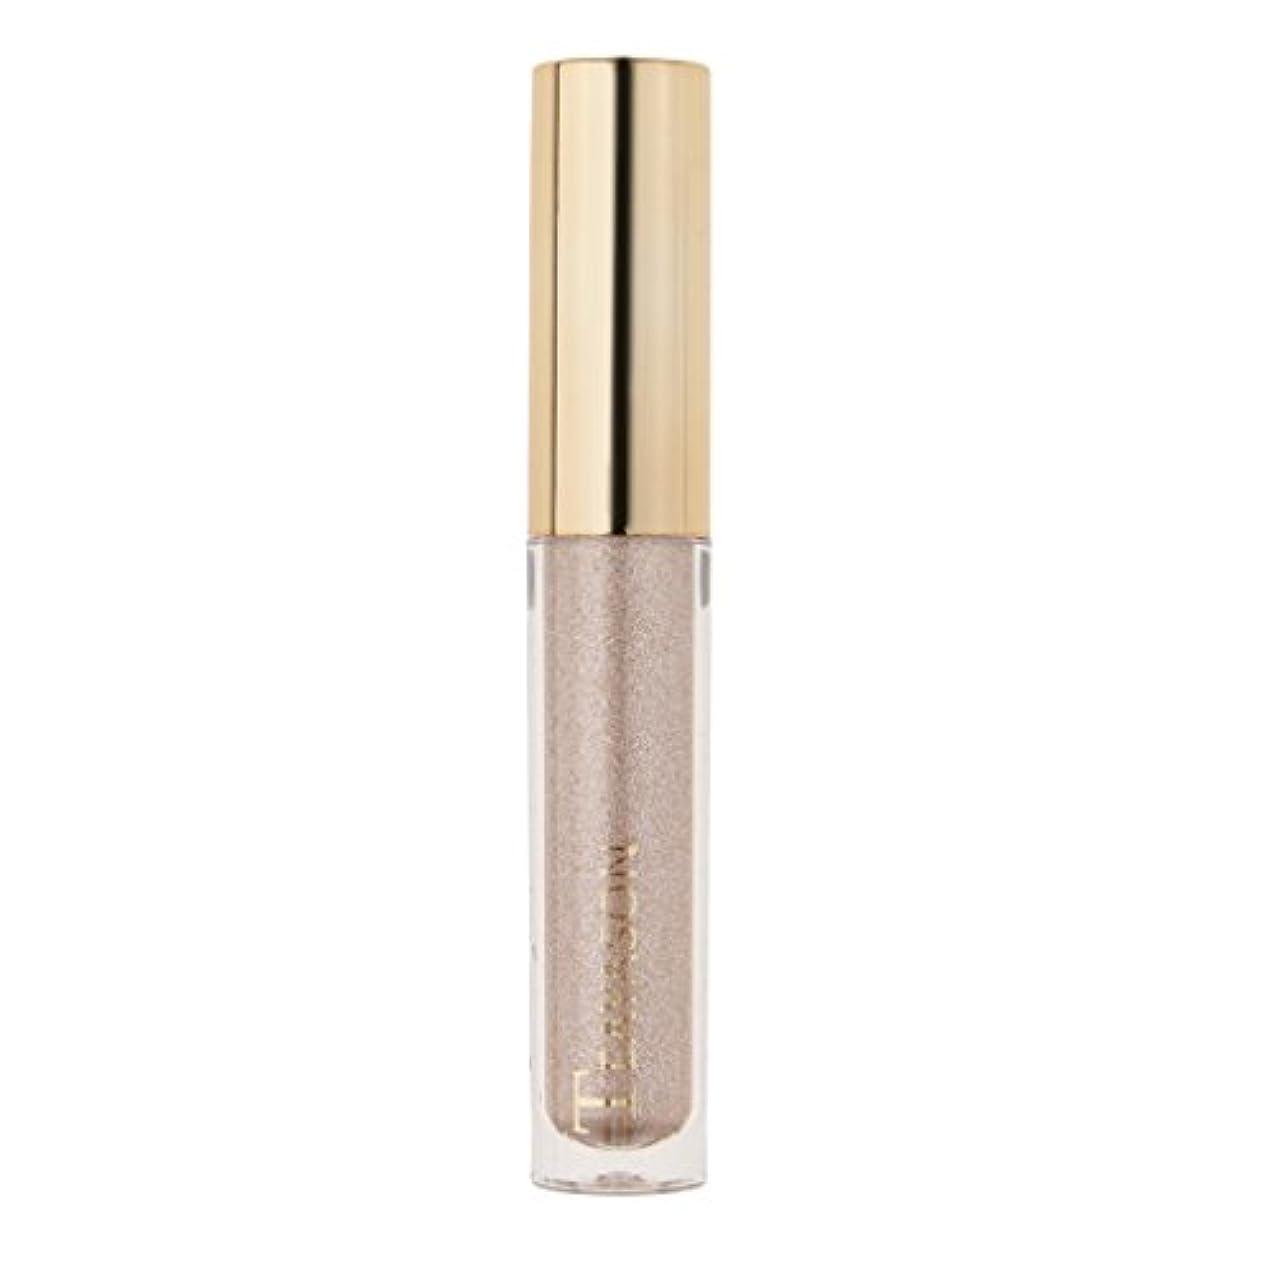 ベーシック重量ボリューム8色液体アイシャドーキラキラシマー化粧品顔料長期持続性 - 4#